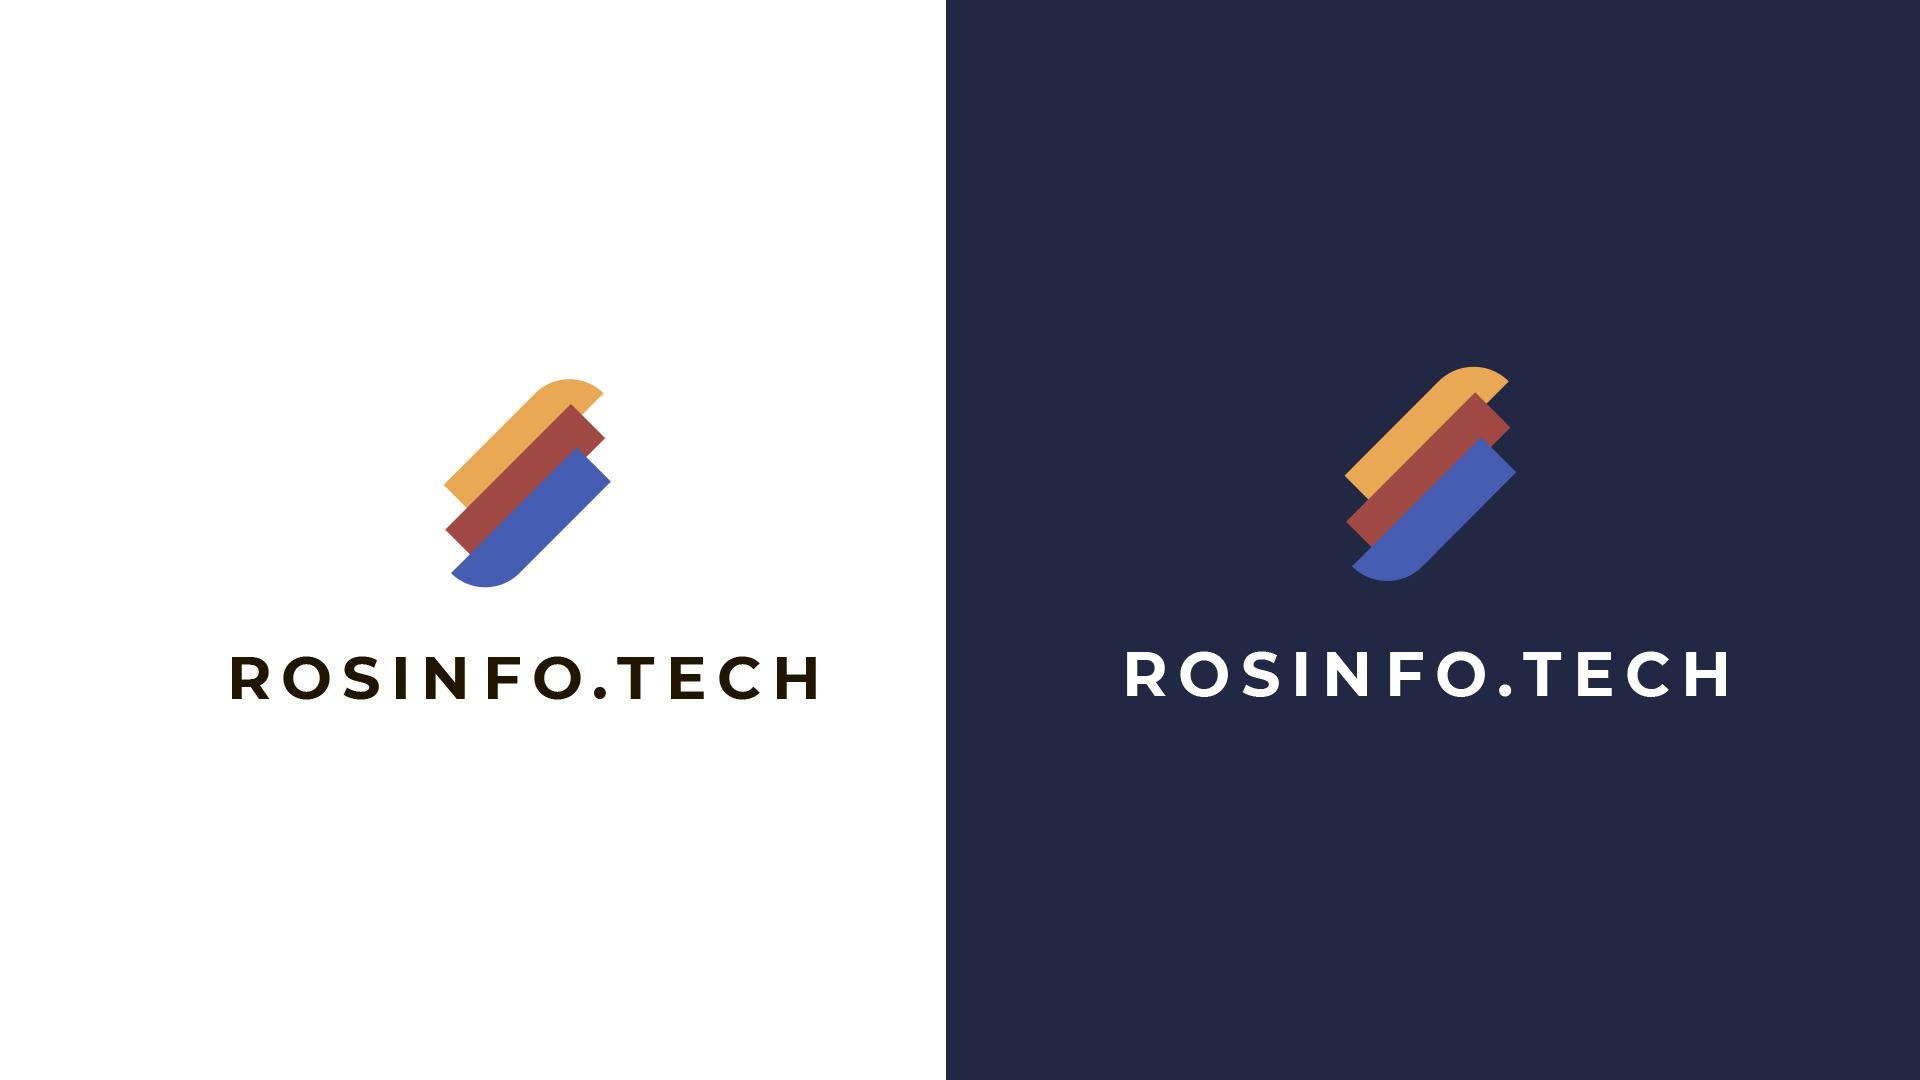 Разработка пакета айдентики rosinfo.tech фото f_2205e1bc1c0e3c97.jpg